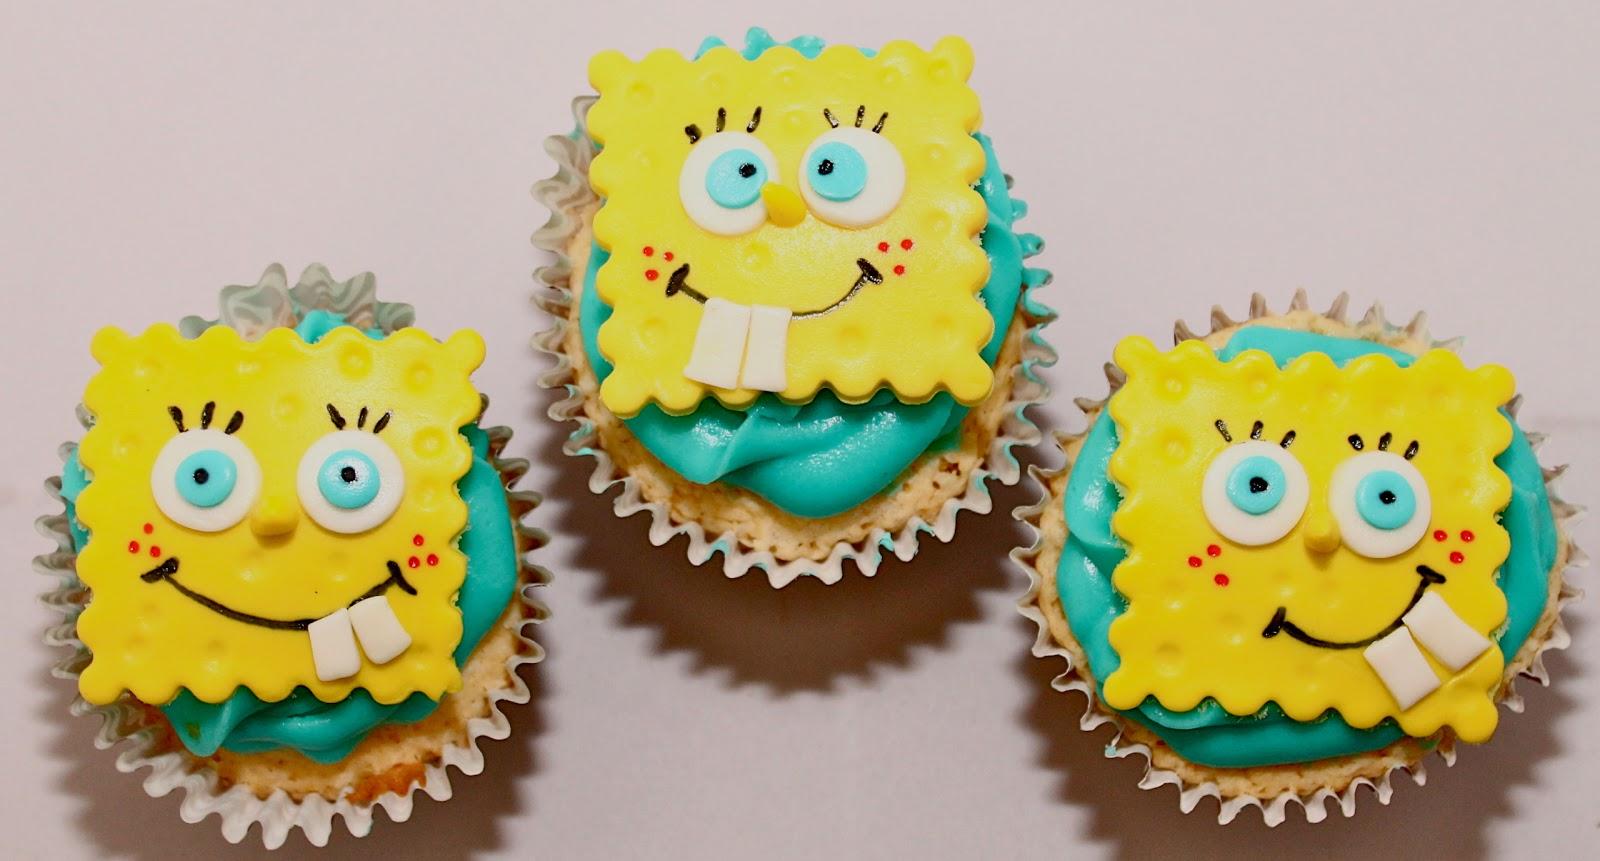 La receta de los cupcakes es la de vainilla y puedes encontrarla aqu - Decoracion bob esponja ...